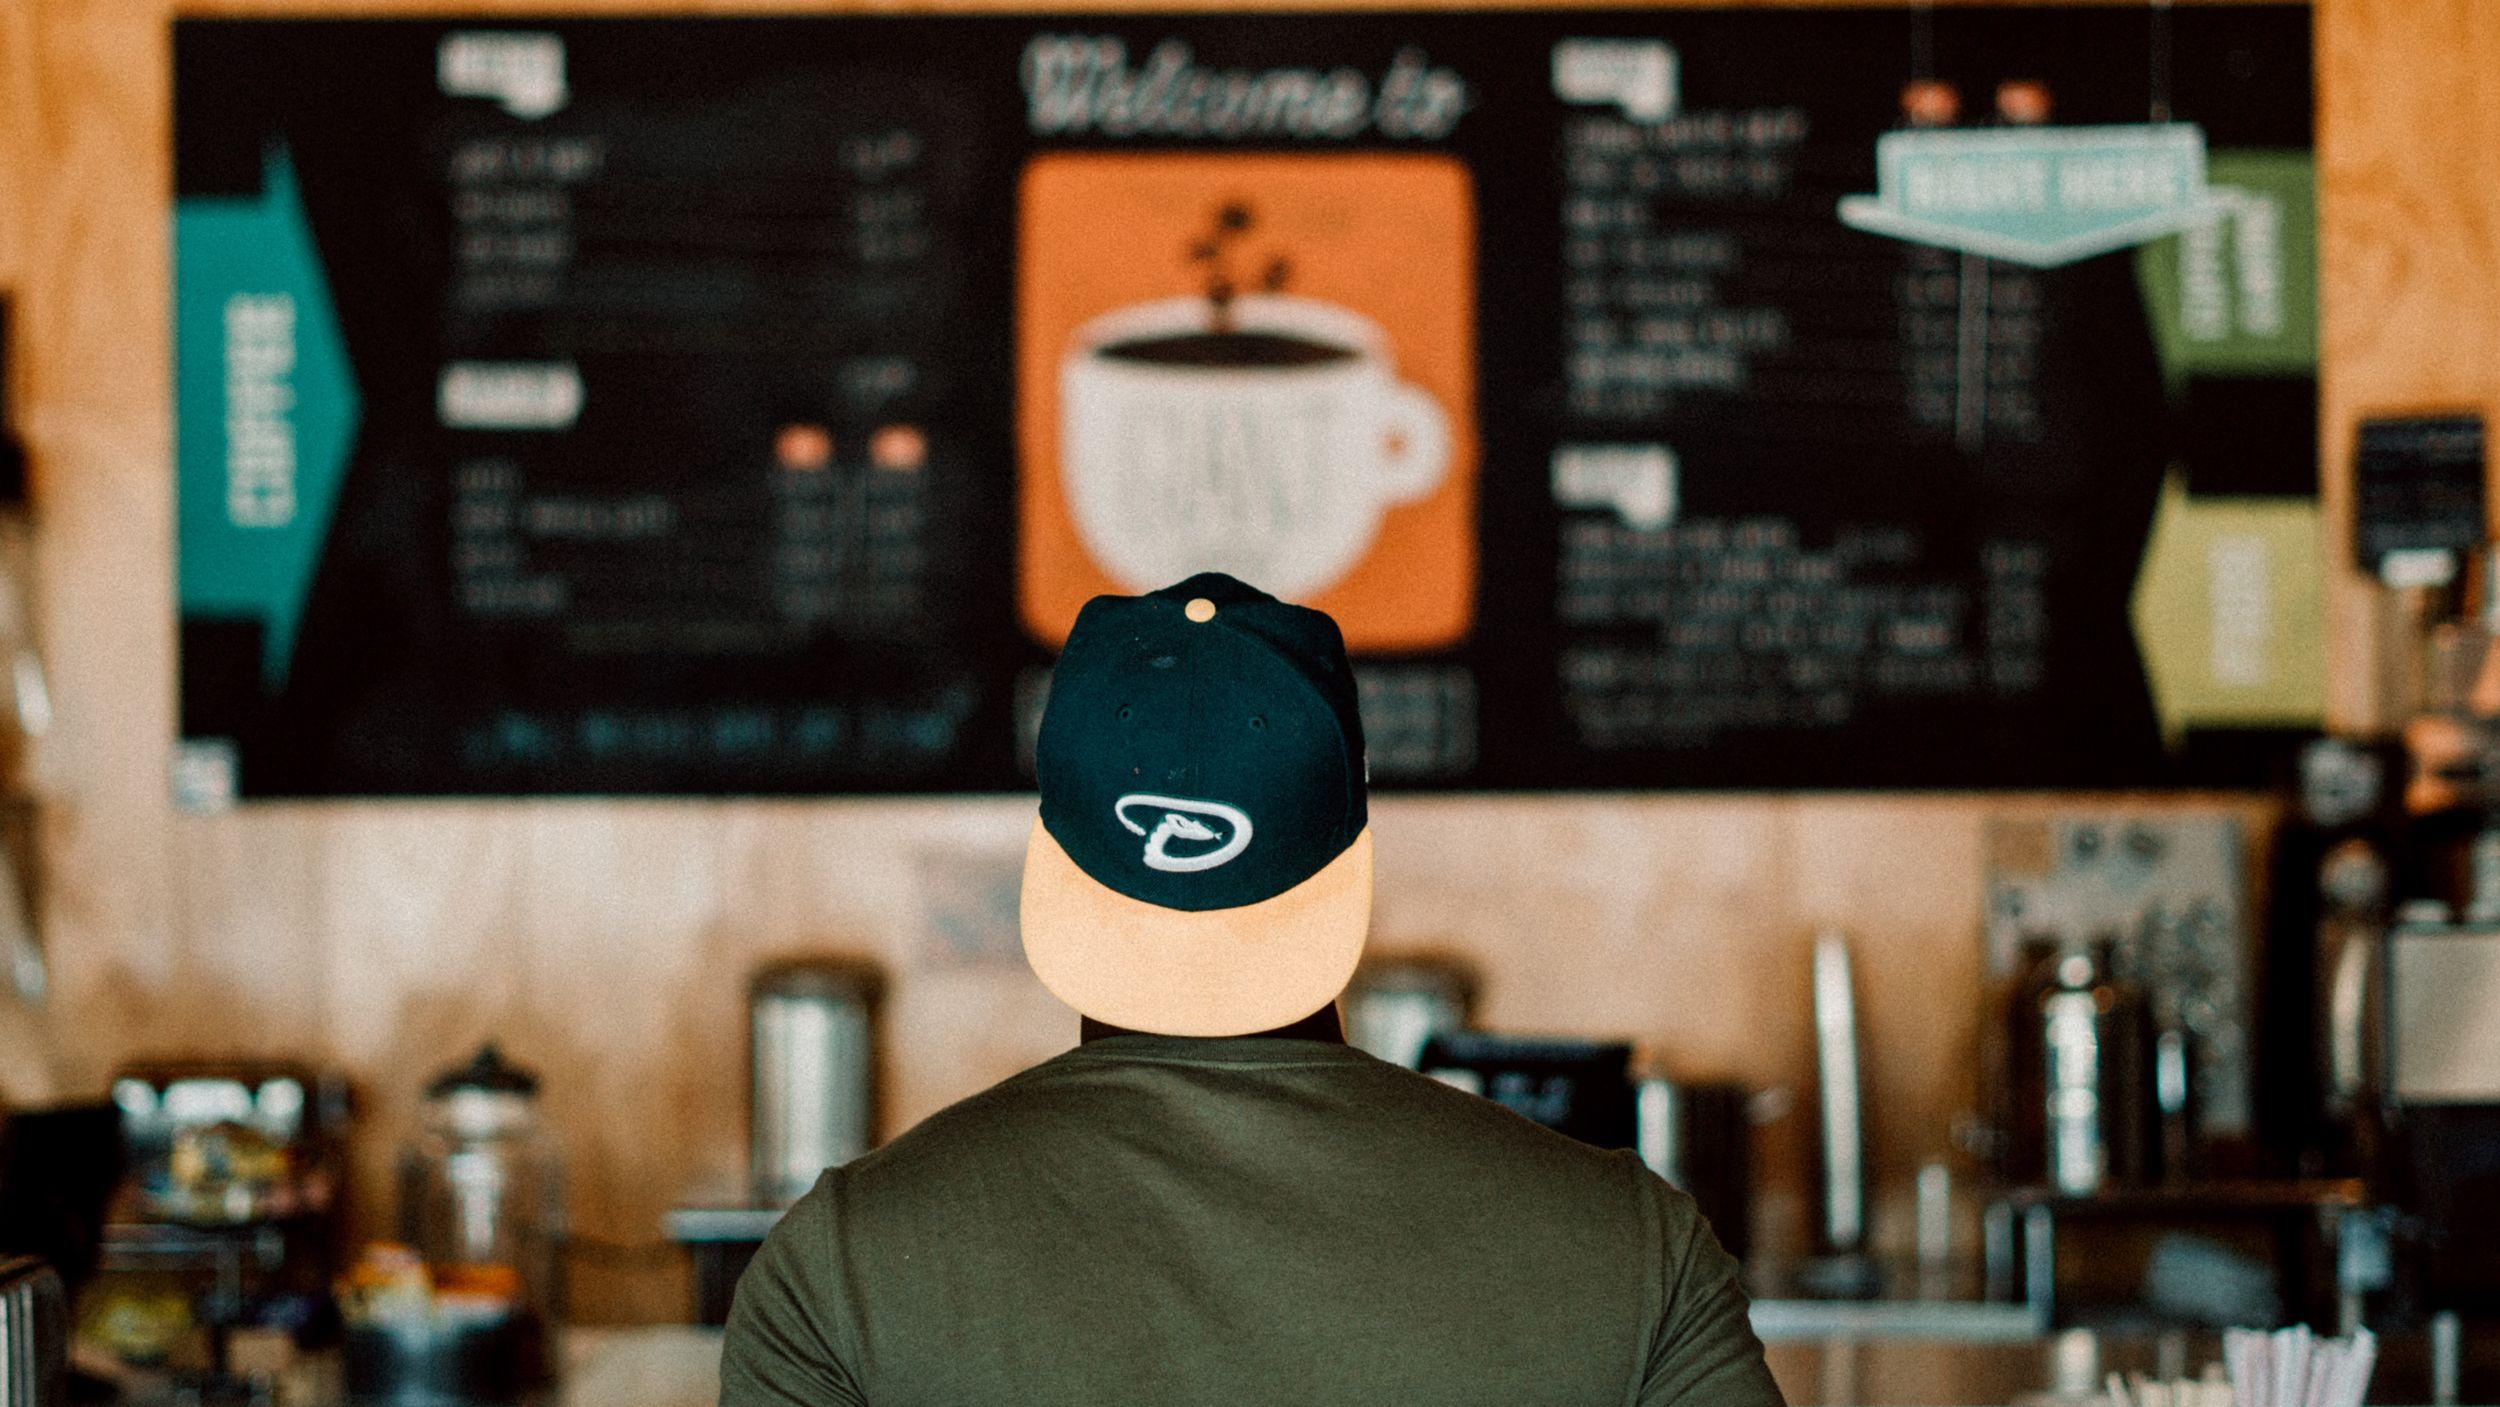 Cardápio Digital: 5 Motivos para Criar um para seu Restaurante